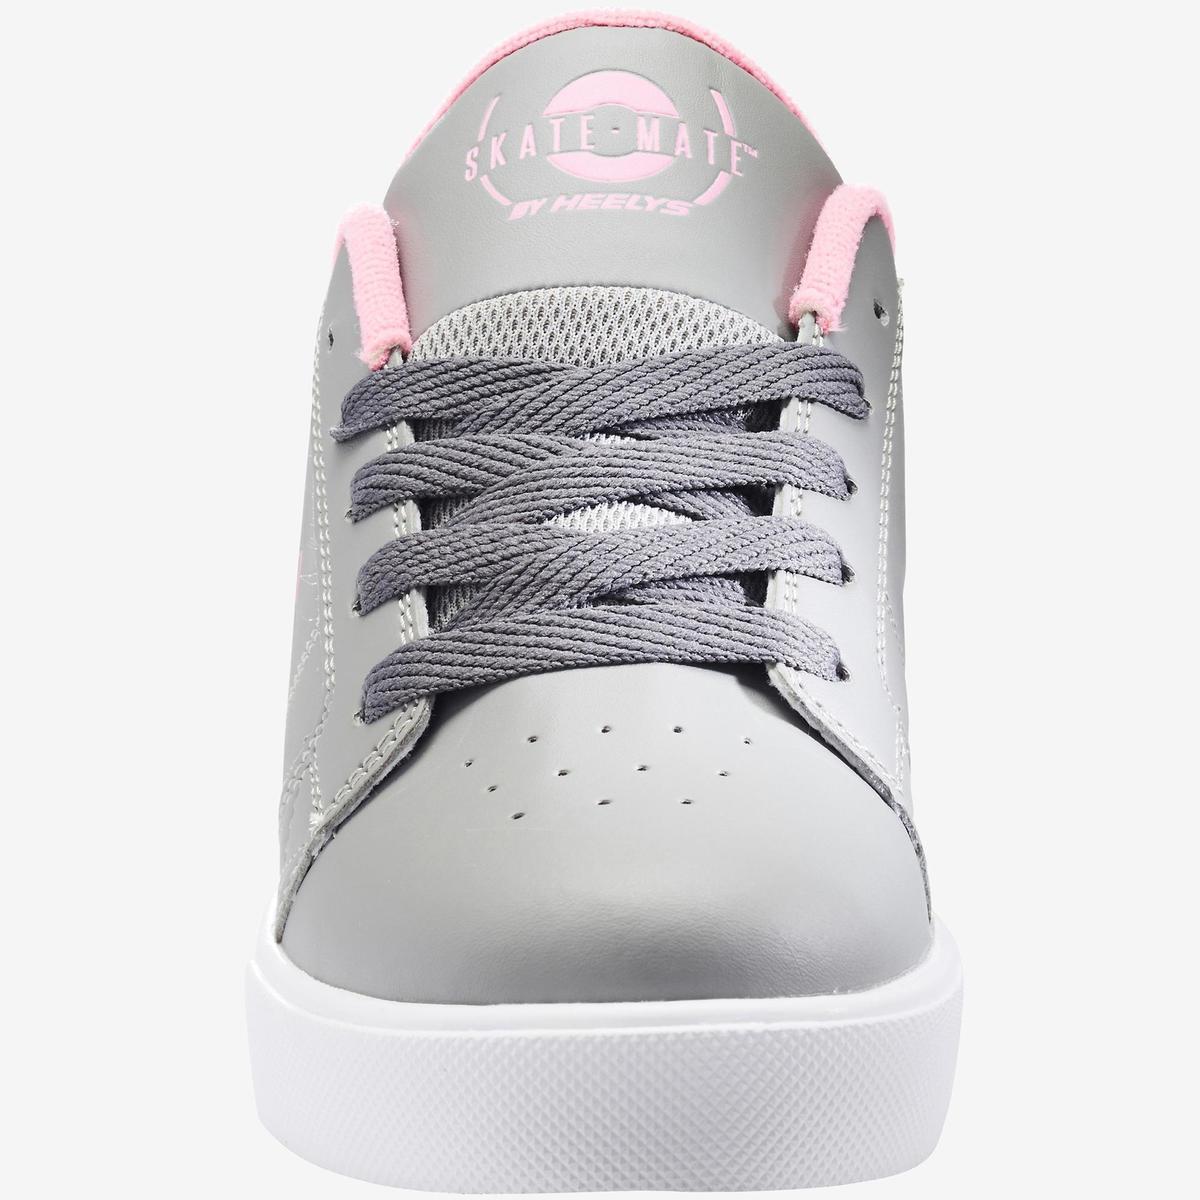 Bild 3 von Heelys Skate-Mate Mädchen grau/pink